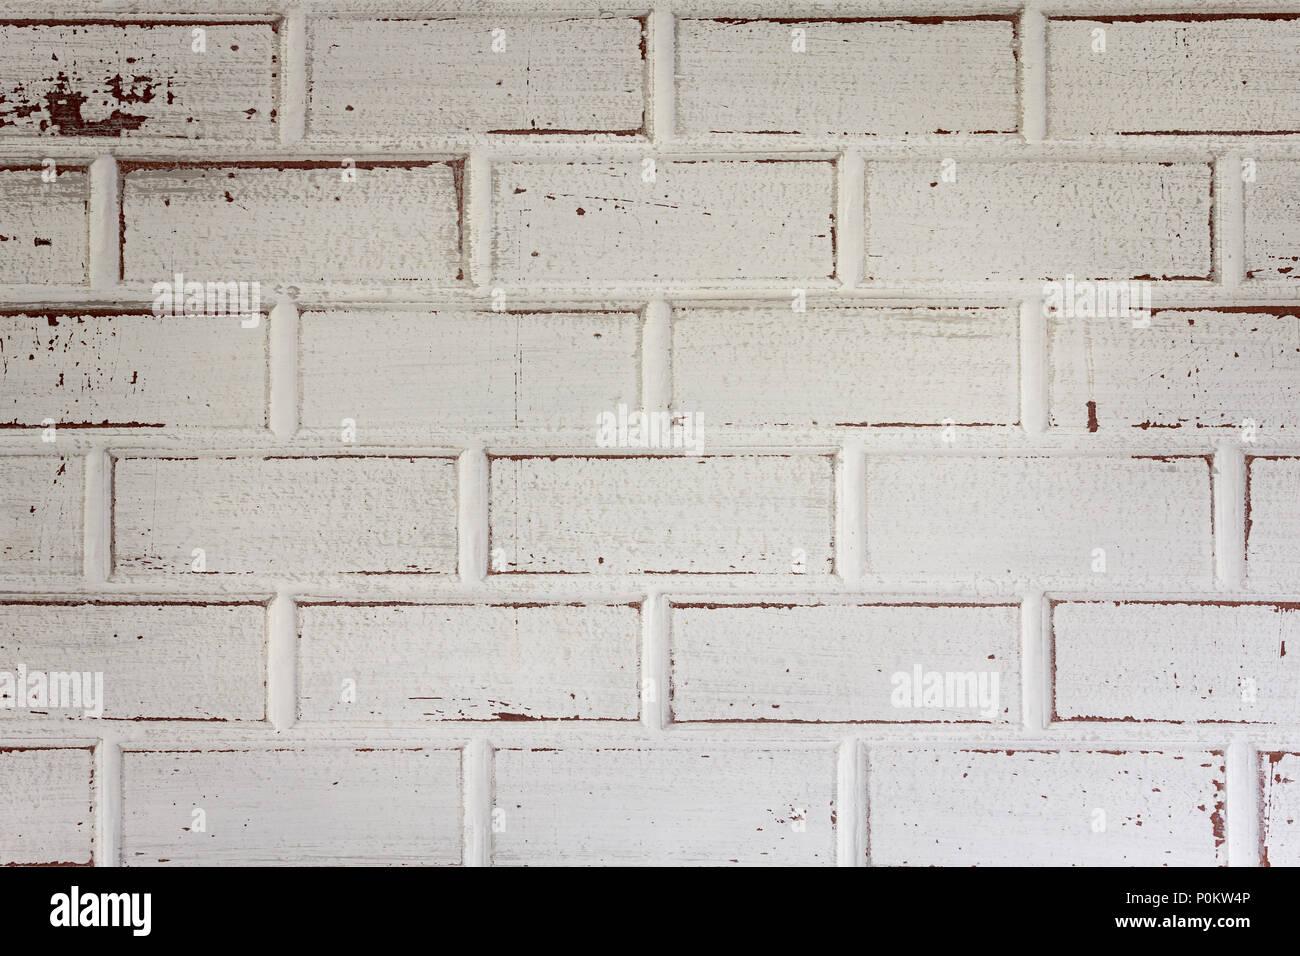 Legno Bianco Texture : Legno bianco texture di sfondo ci uso pulire lo sfondo di legno